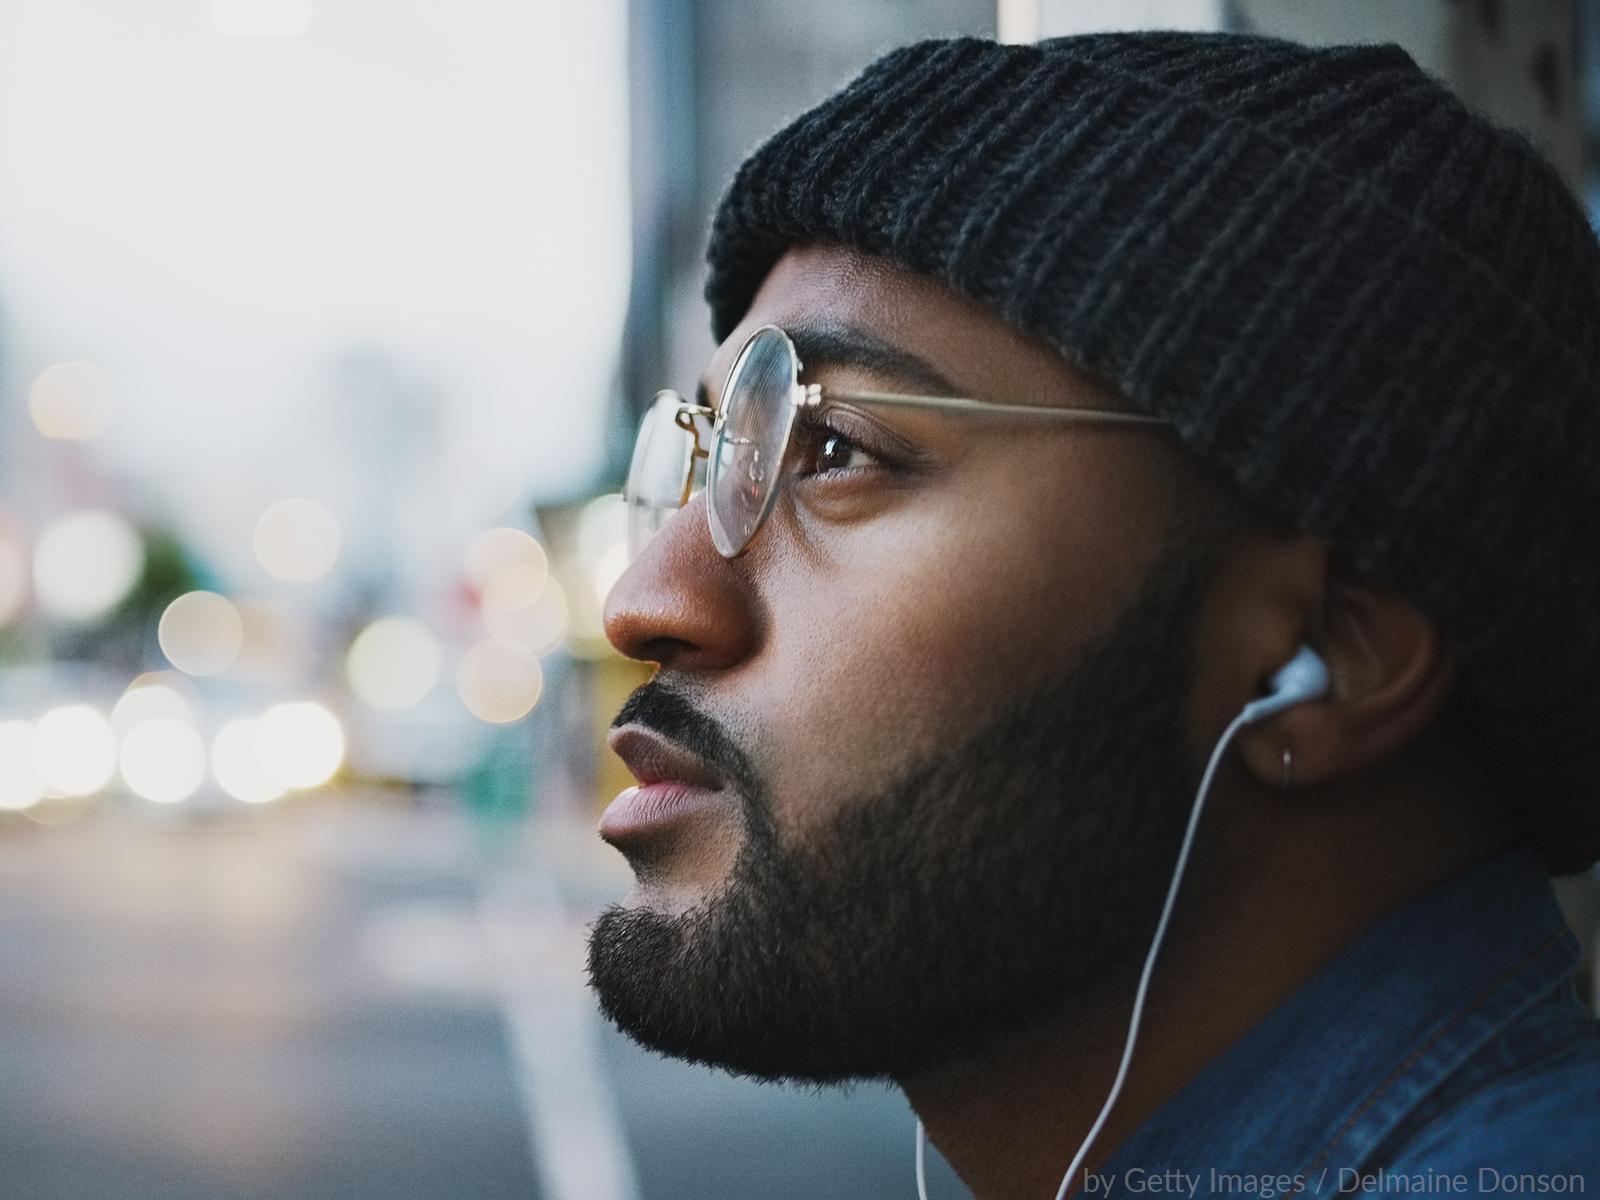 Vocação: como saber se é Deus me chamando?